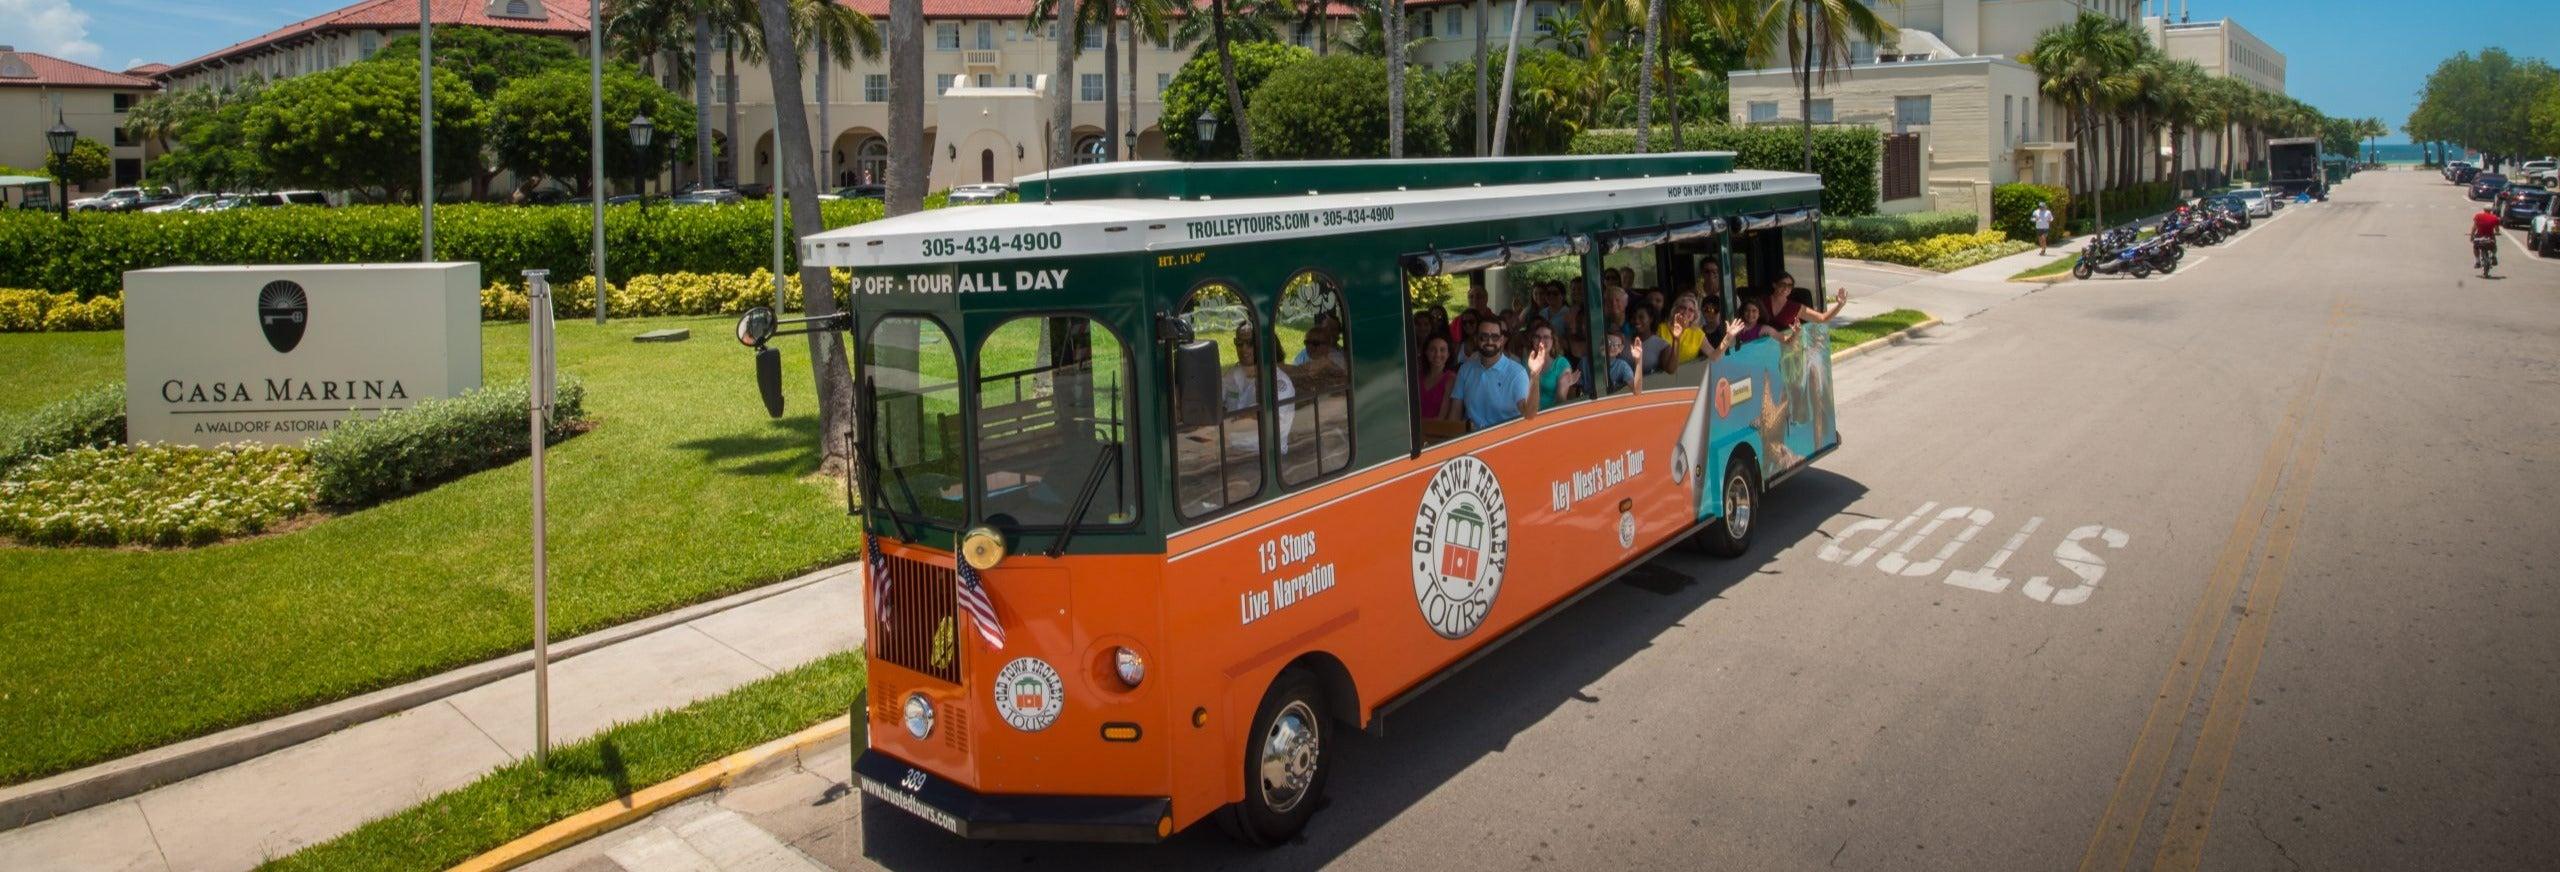 Tram turistico di Key West